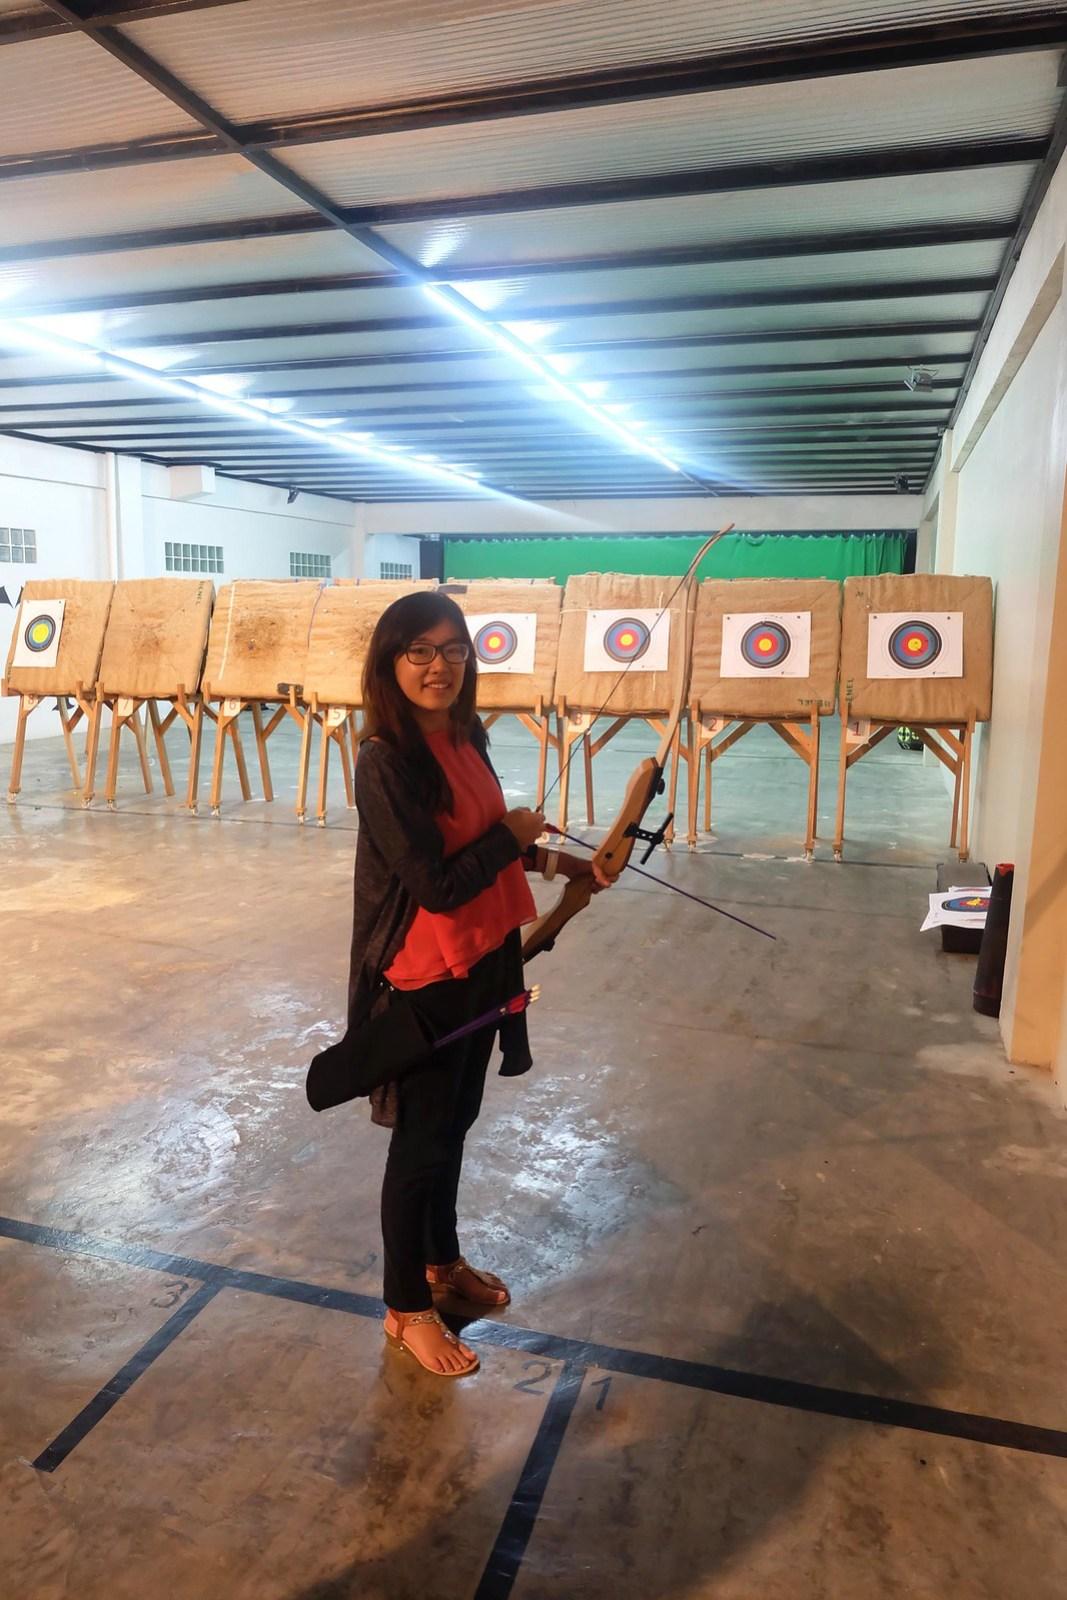 Archery SAgittarium